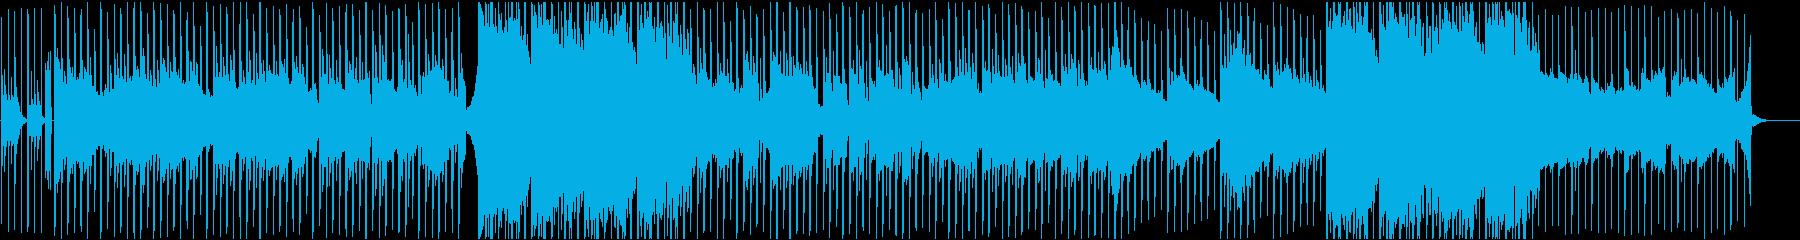 Hip Hop Beat の再生済みの波形